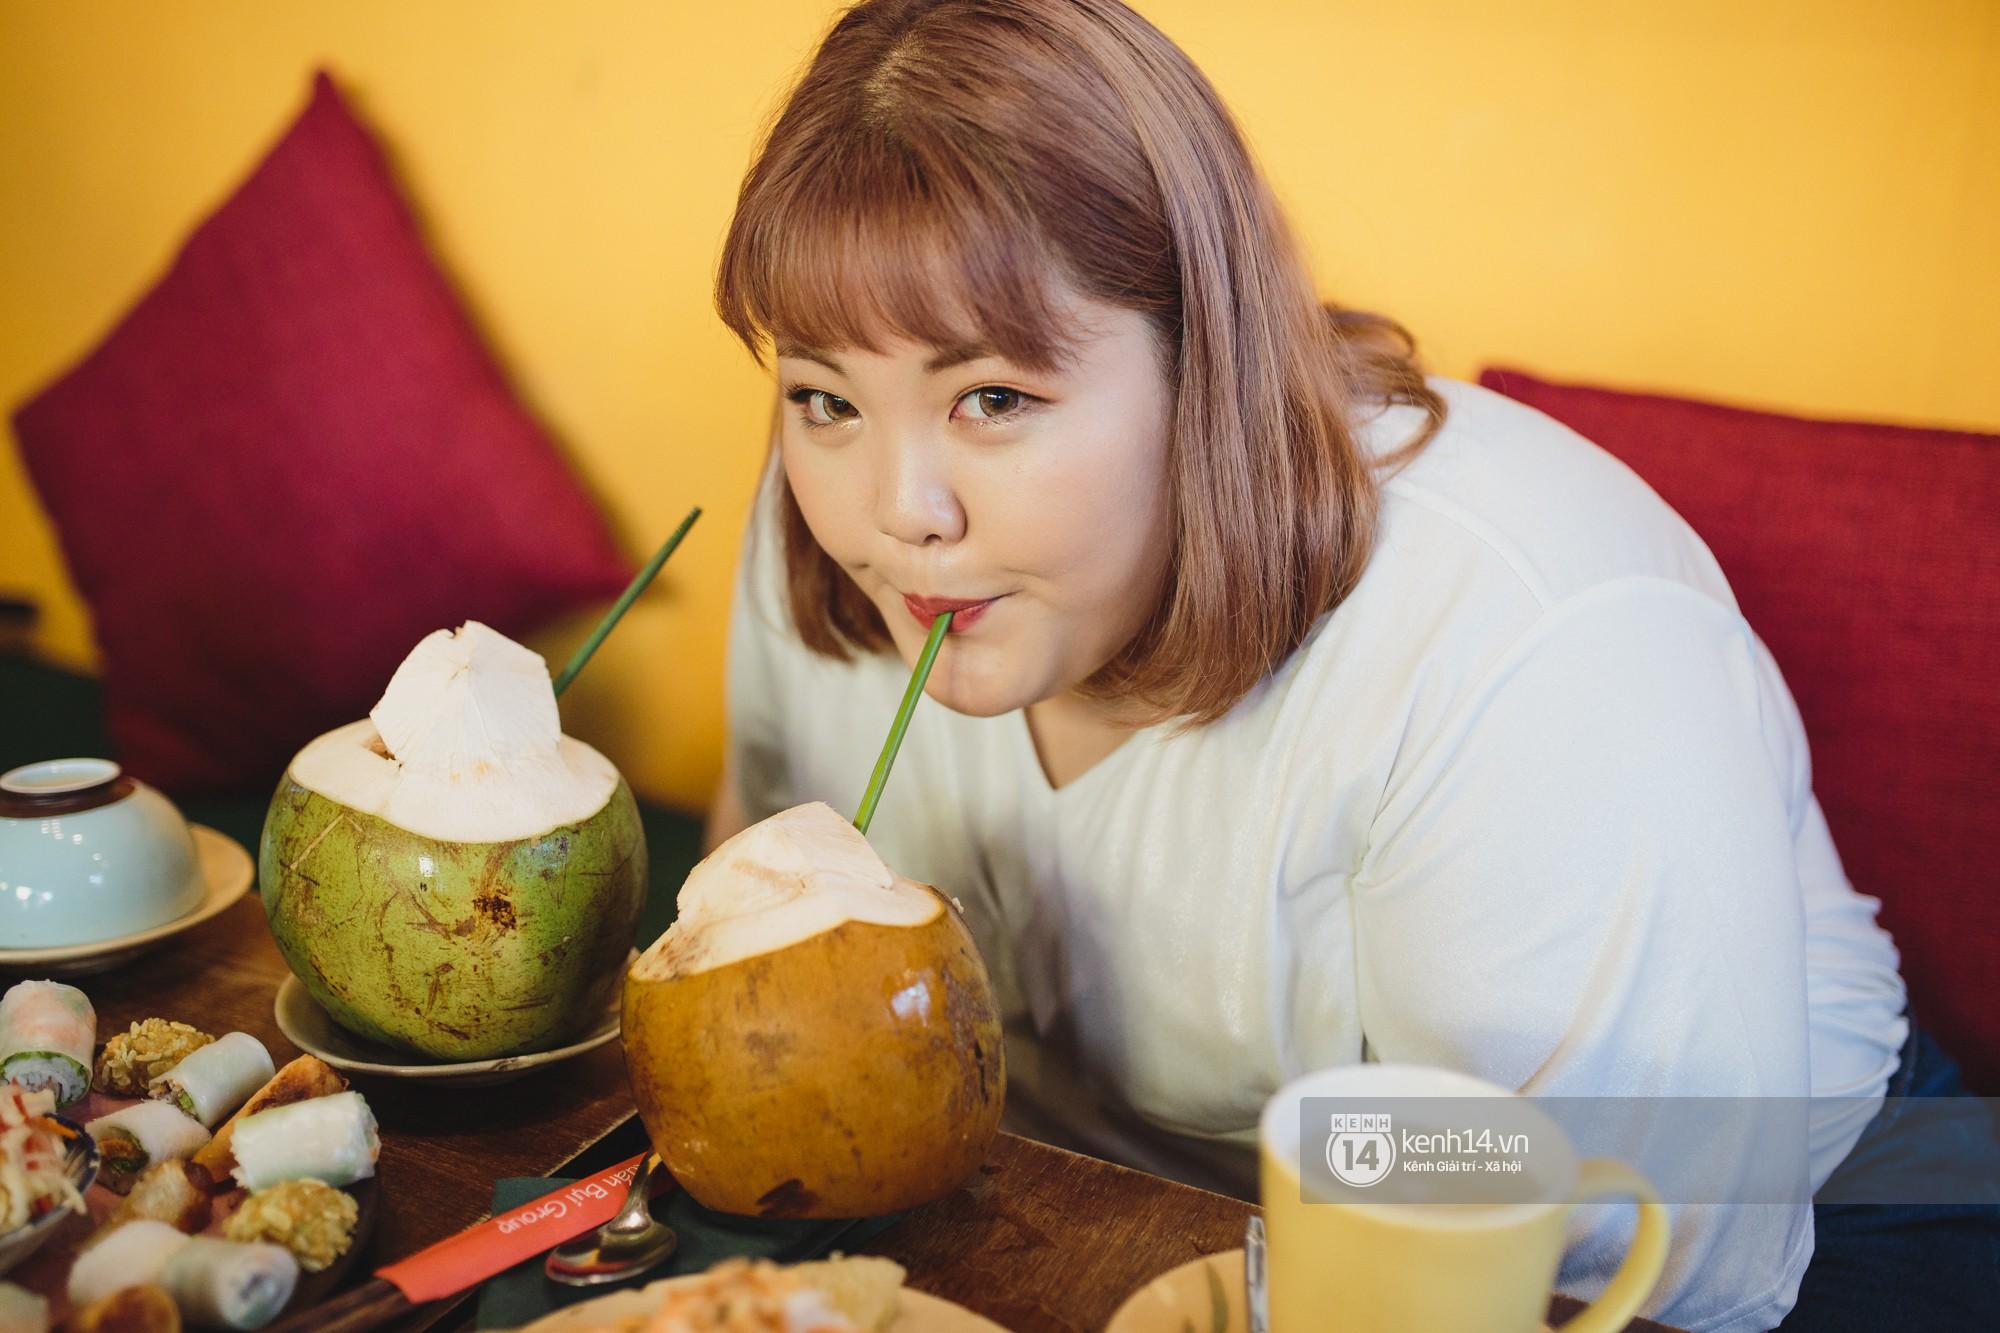 Nàng mập triệu view Hàn Quốc đến Việt Nam: Ăn cua hết 10 triệu, vẫn tiếc vì chưa kịp ăn bún chả-2